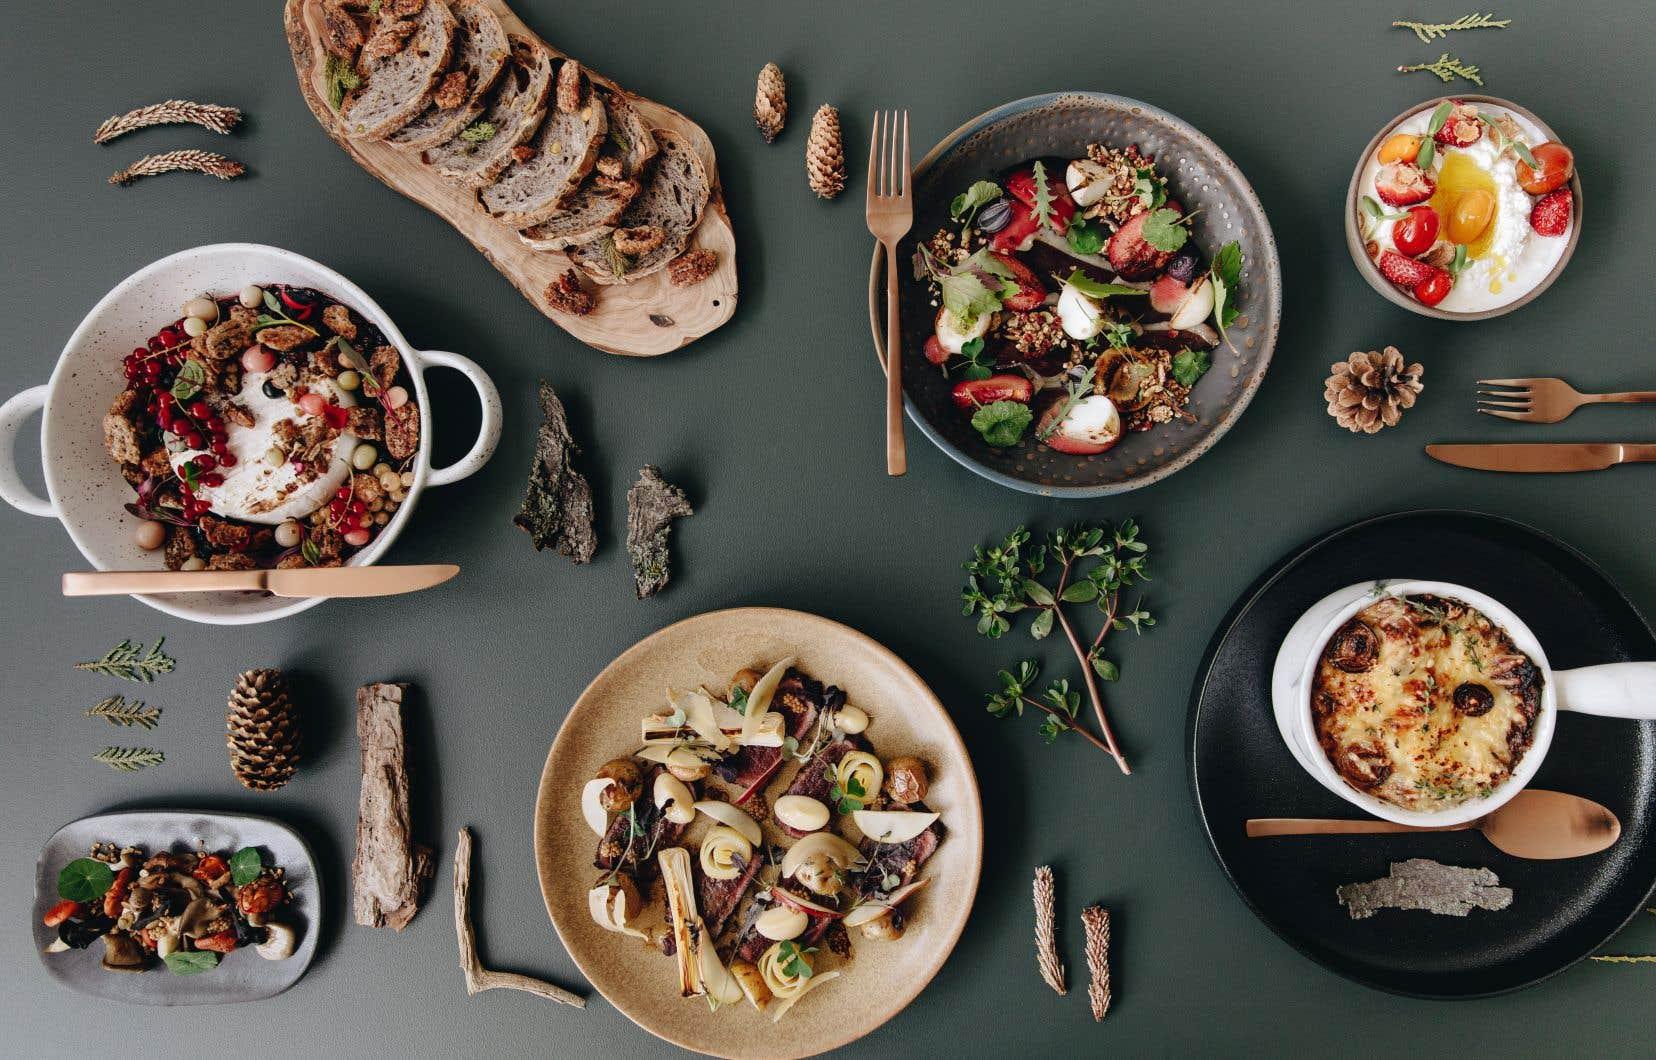 La saisonnalité des produits est primordiale dans la philosophie du chef Raphaël Podlasiewicz, qui, durant la saison froide, privilégie une cuisine réconfortante à partir des ingrédients qu'on a sous la main.